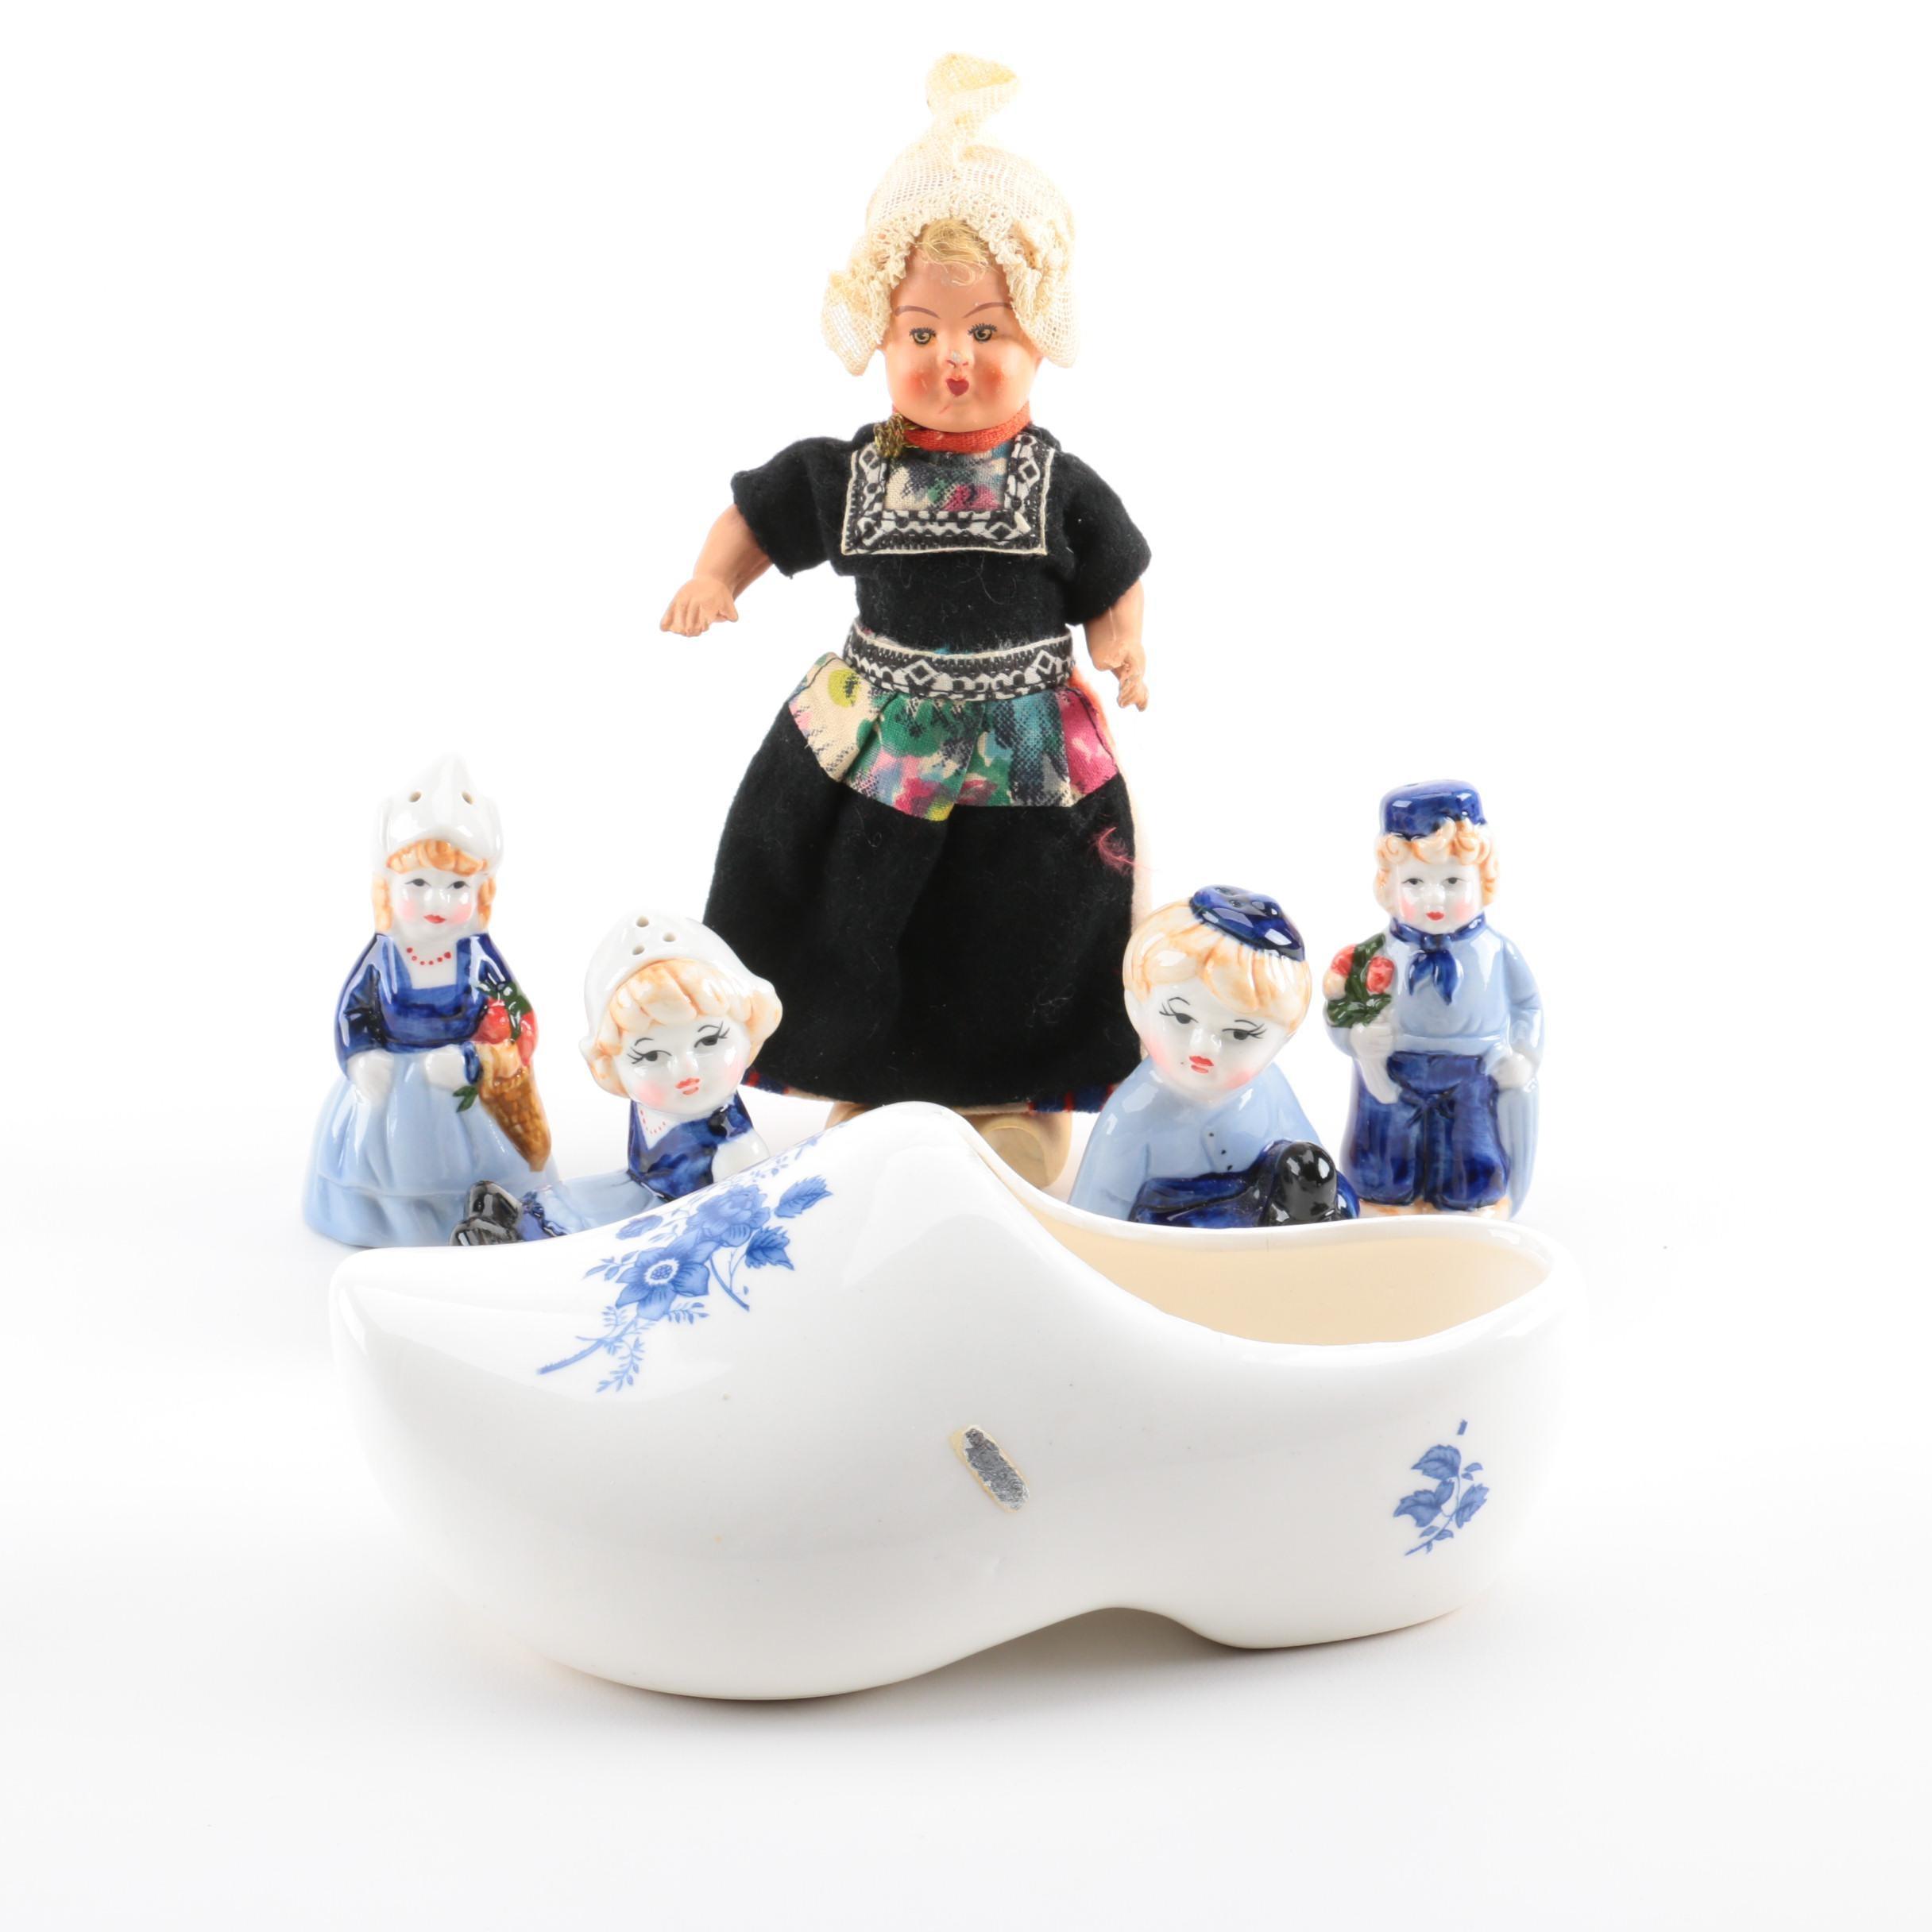 Dutch-Themed Ceramic Décor and Doll